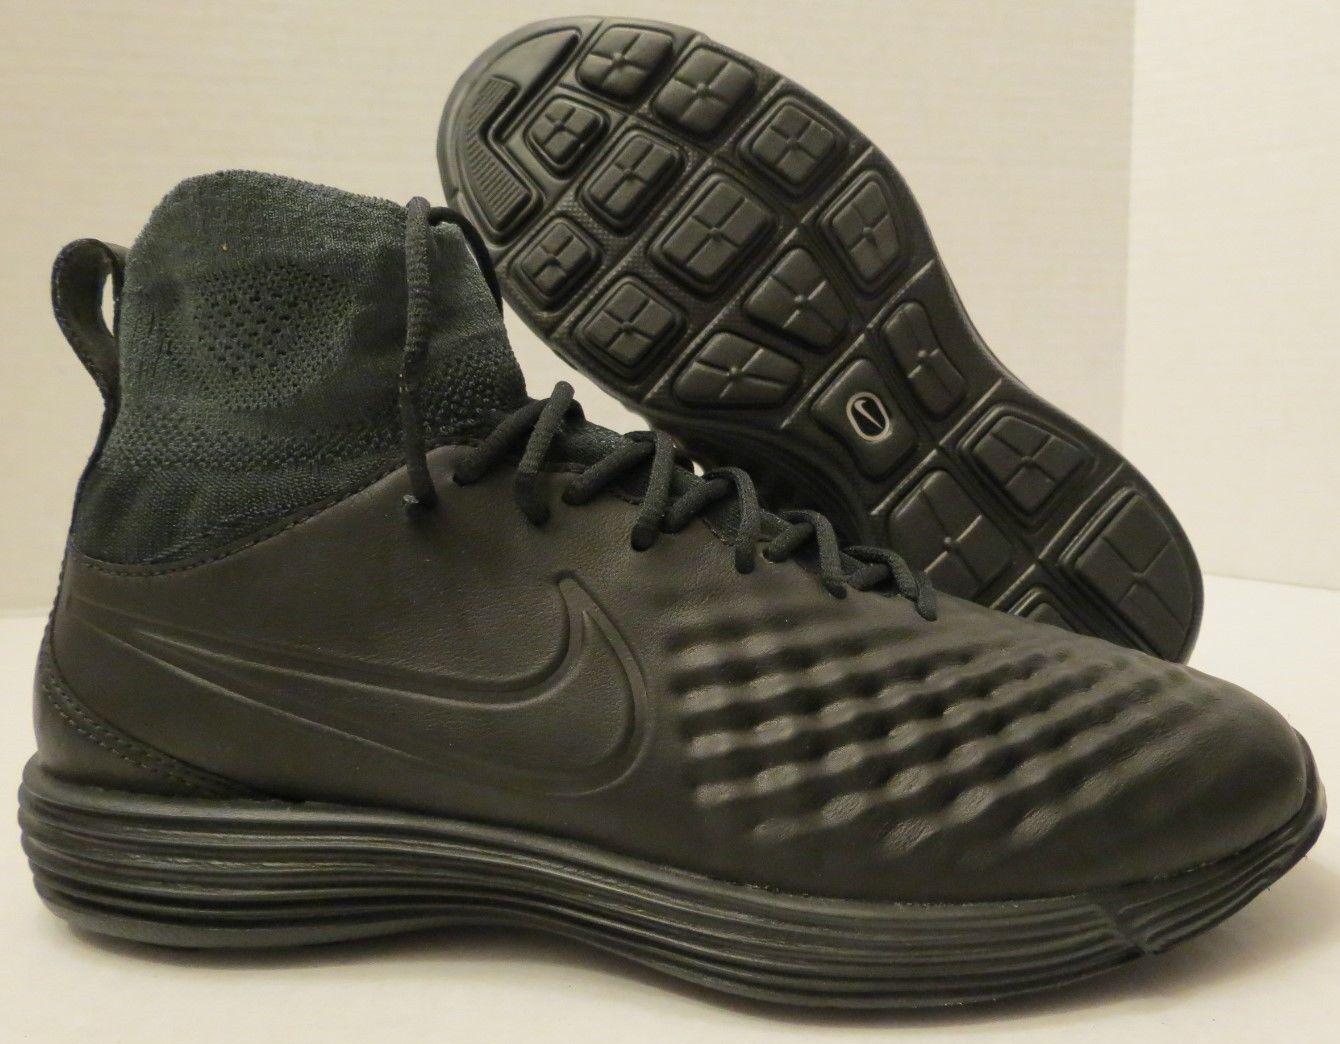 Nike lunar magista ii fk schwarz 852614 001 schwarz schwarz schwarz (männer - 7) jungen jugend flyknit f5b107